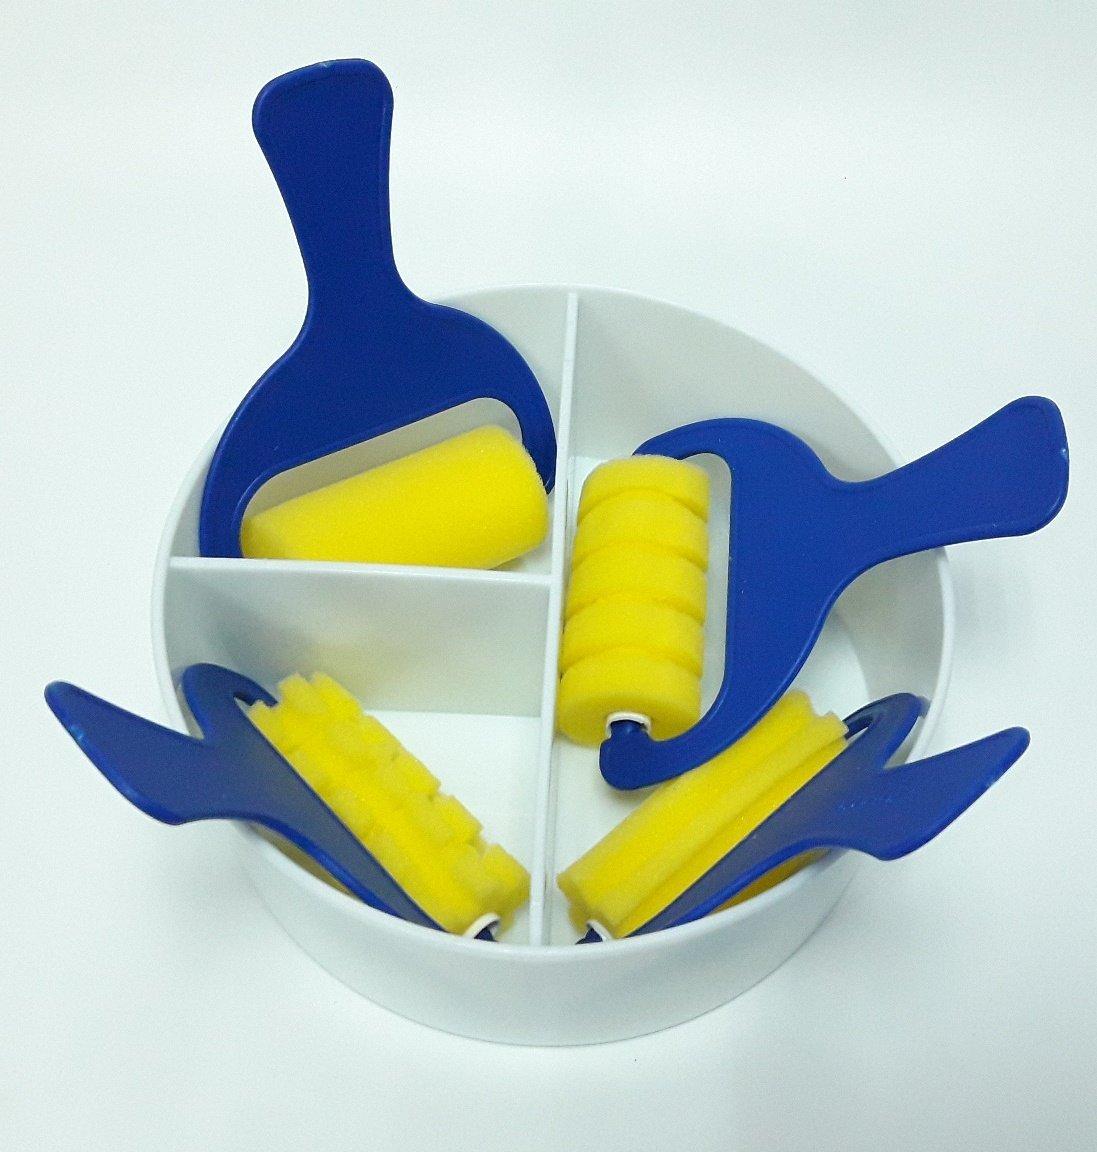 【五旬藝博士】4大滾輪刷具 大三格組 水彩滾輪刷 刷 拓印 拖色 滾輪印章 海綿 顏料輪廓拓印